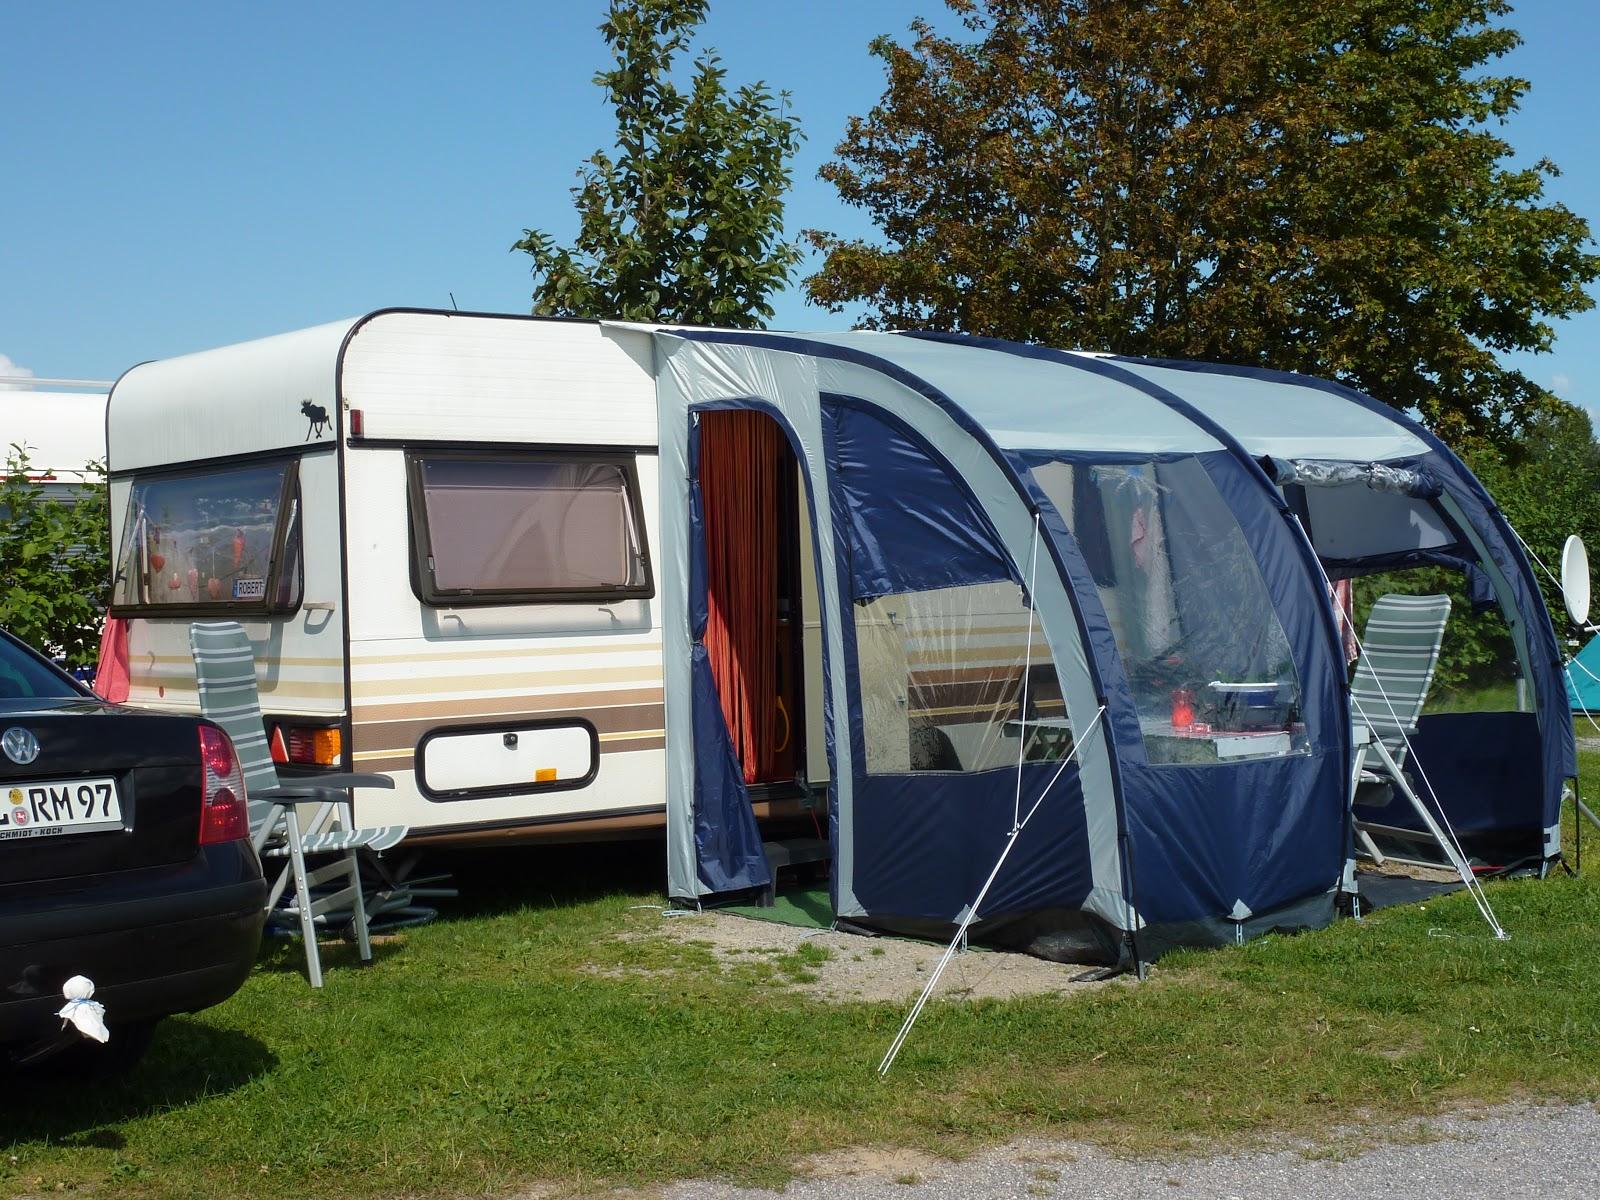 camping im norden eindr cke vom campingplatz otterndorf achtern diek. Black Bedroom Furniture Sets. Home Design Ideas